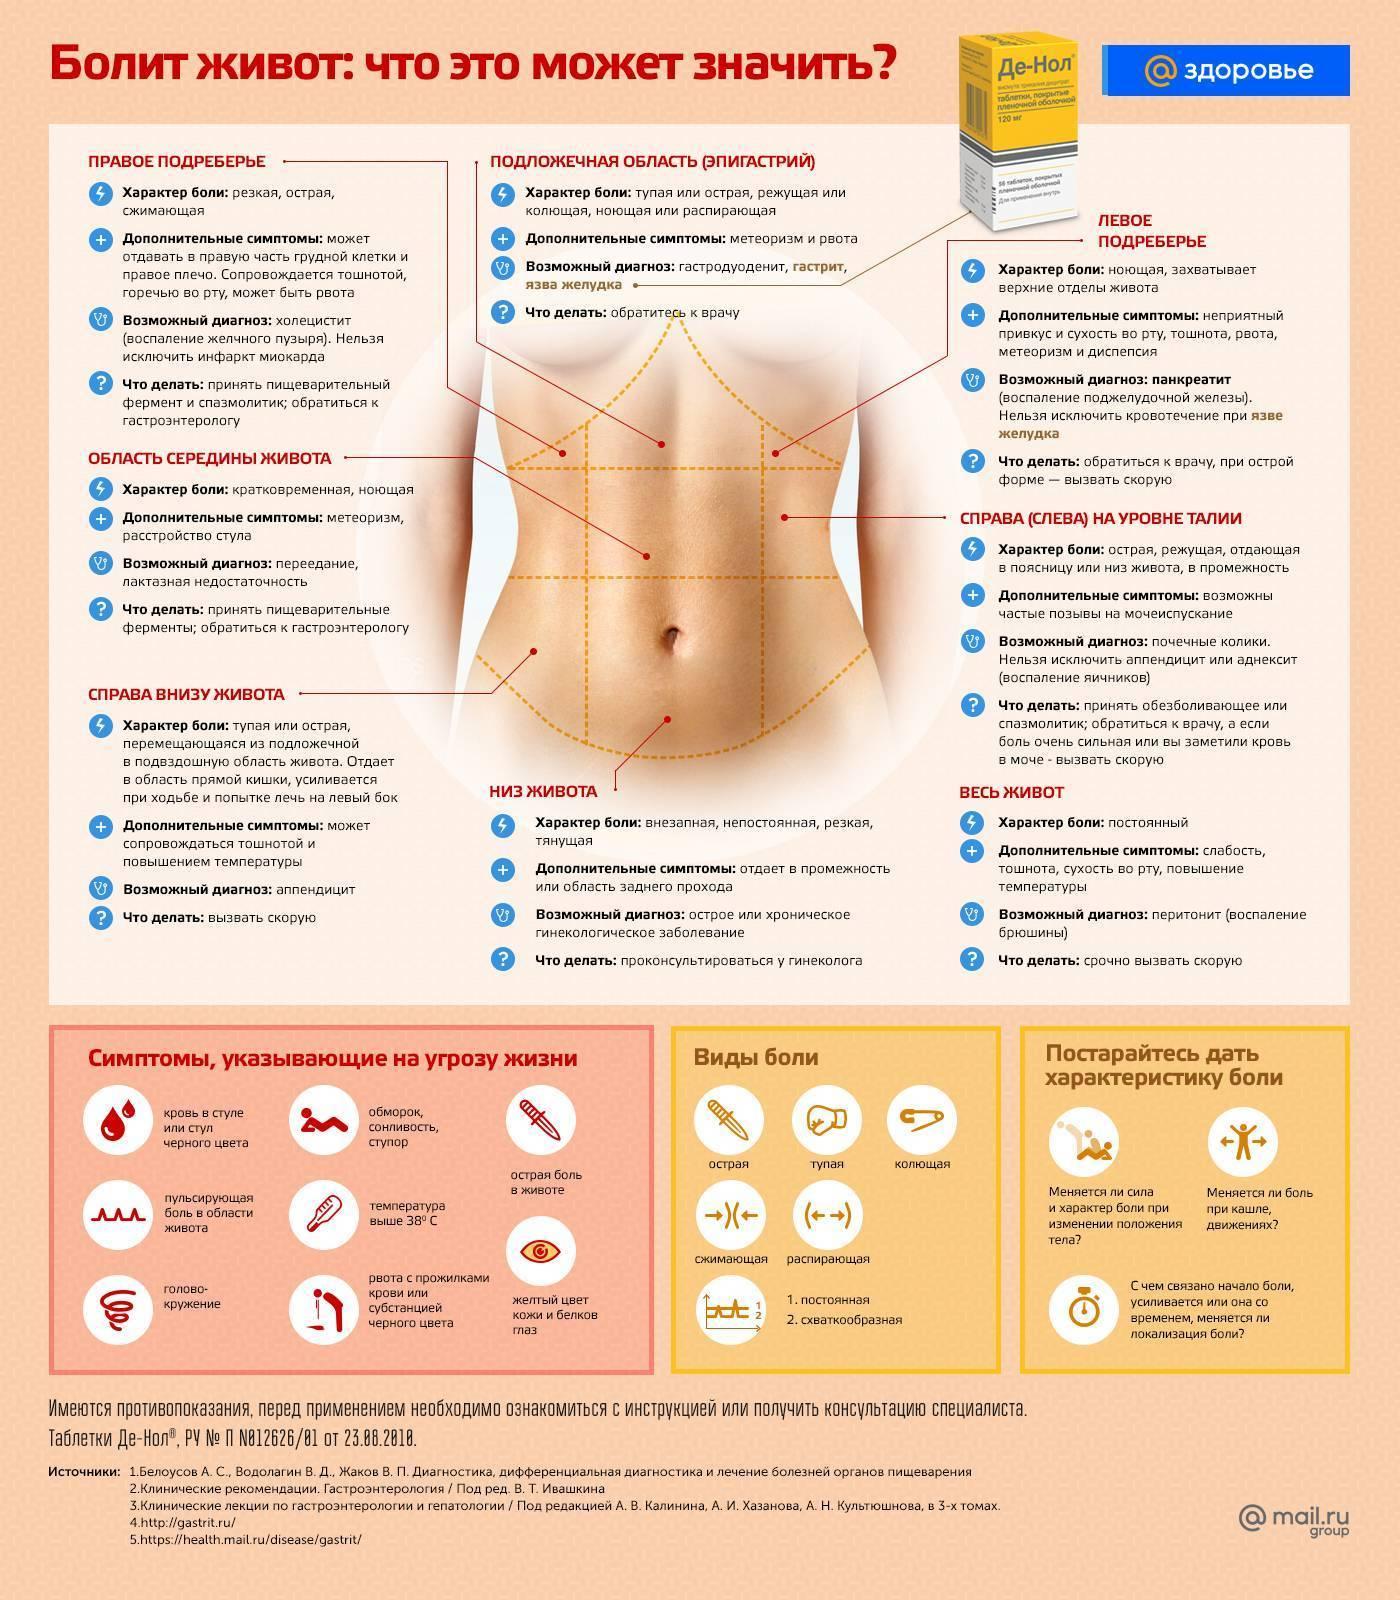 Болит желудок после кофе - здоровое тело